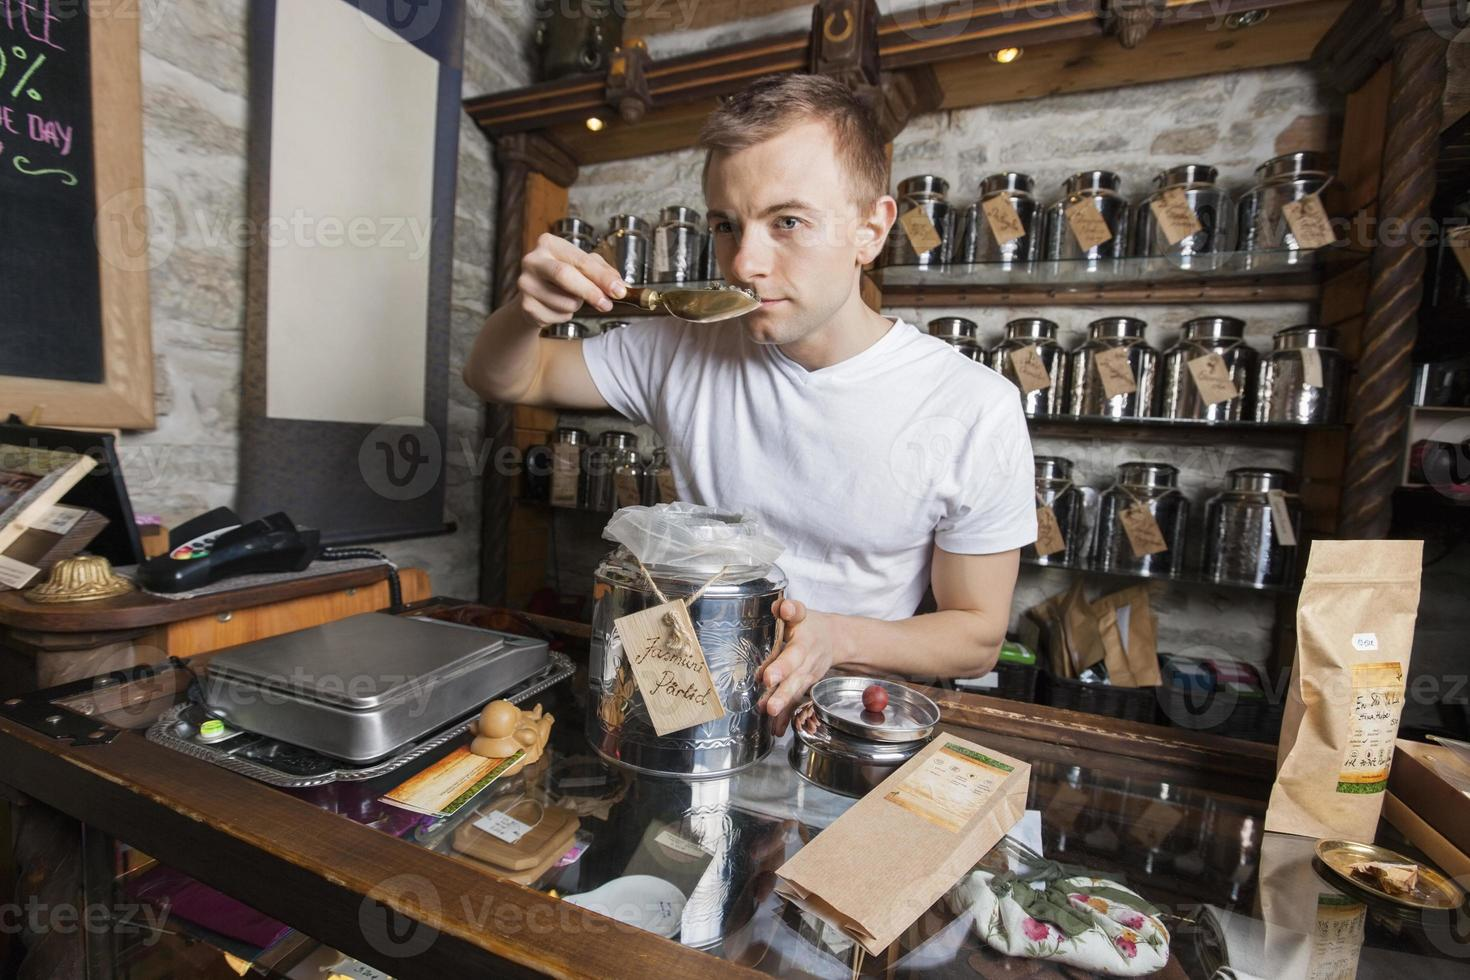 verkoper ruikende thee in de winkel foto